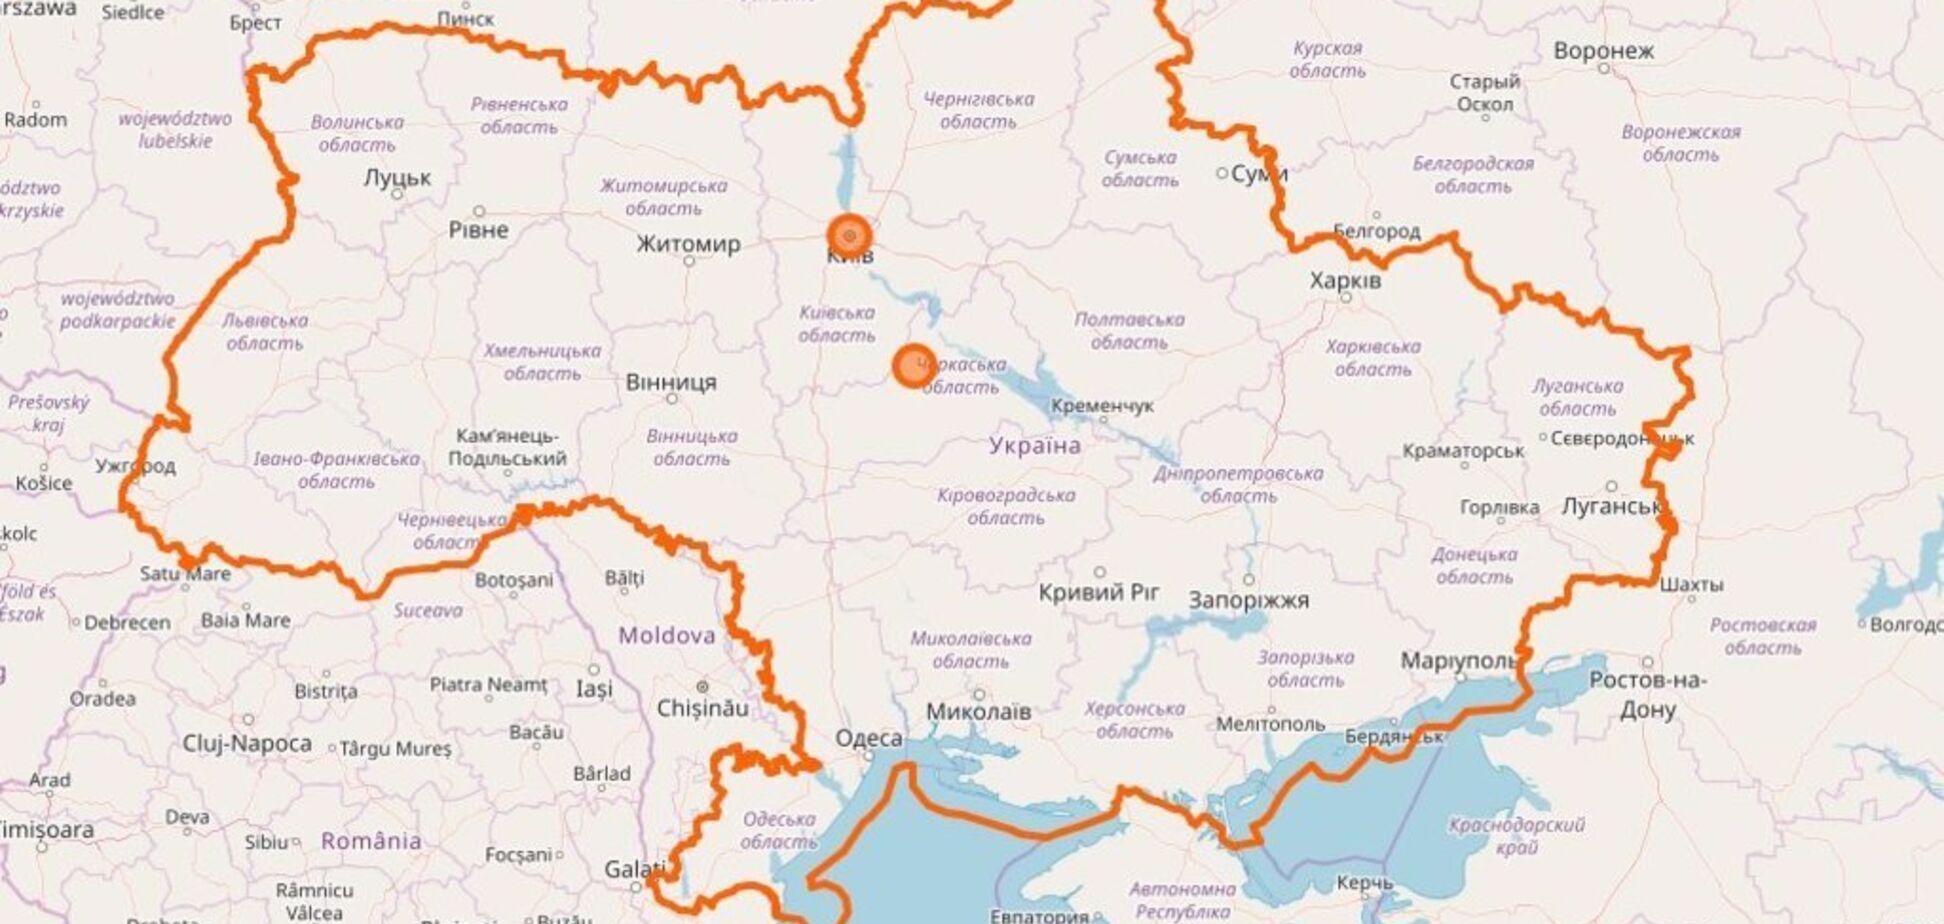 ''Путин контролирует'': международные картографы попали в скандал из-за ''Крыма в России''